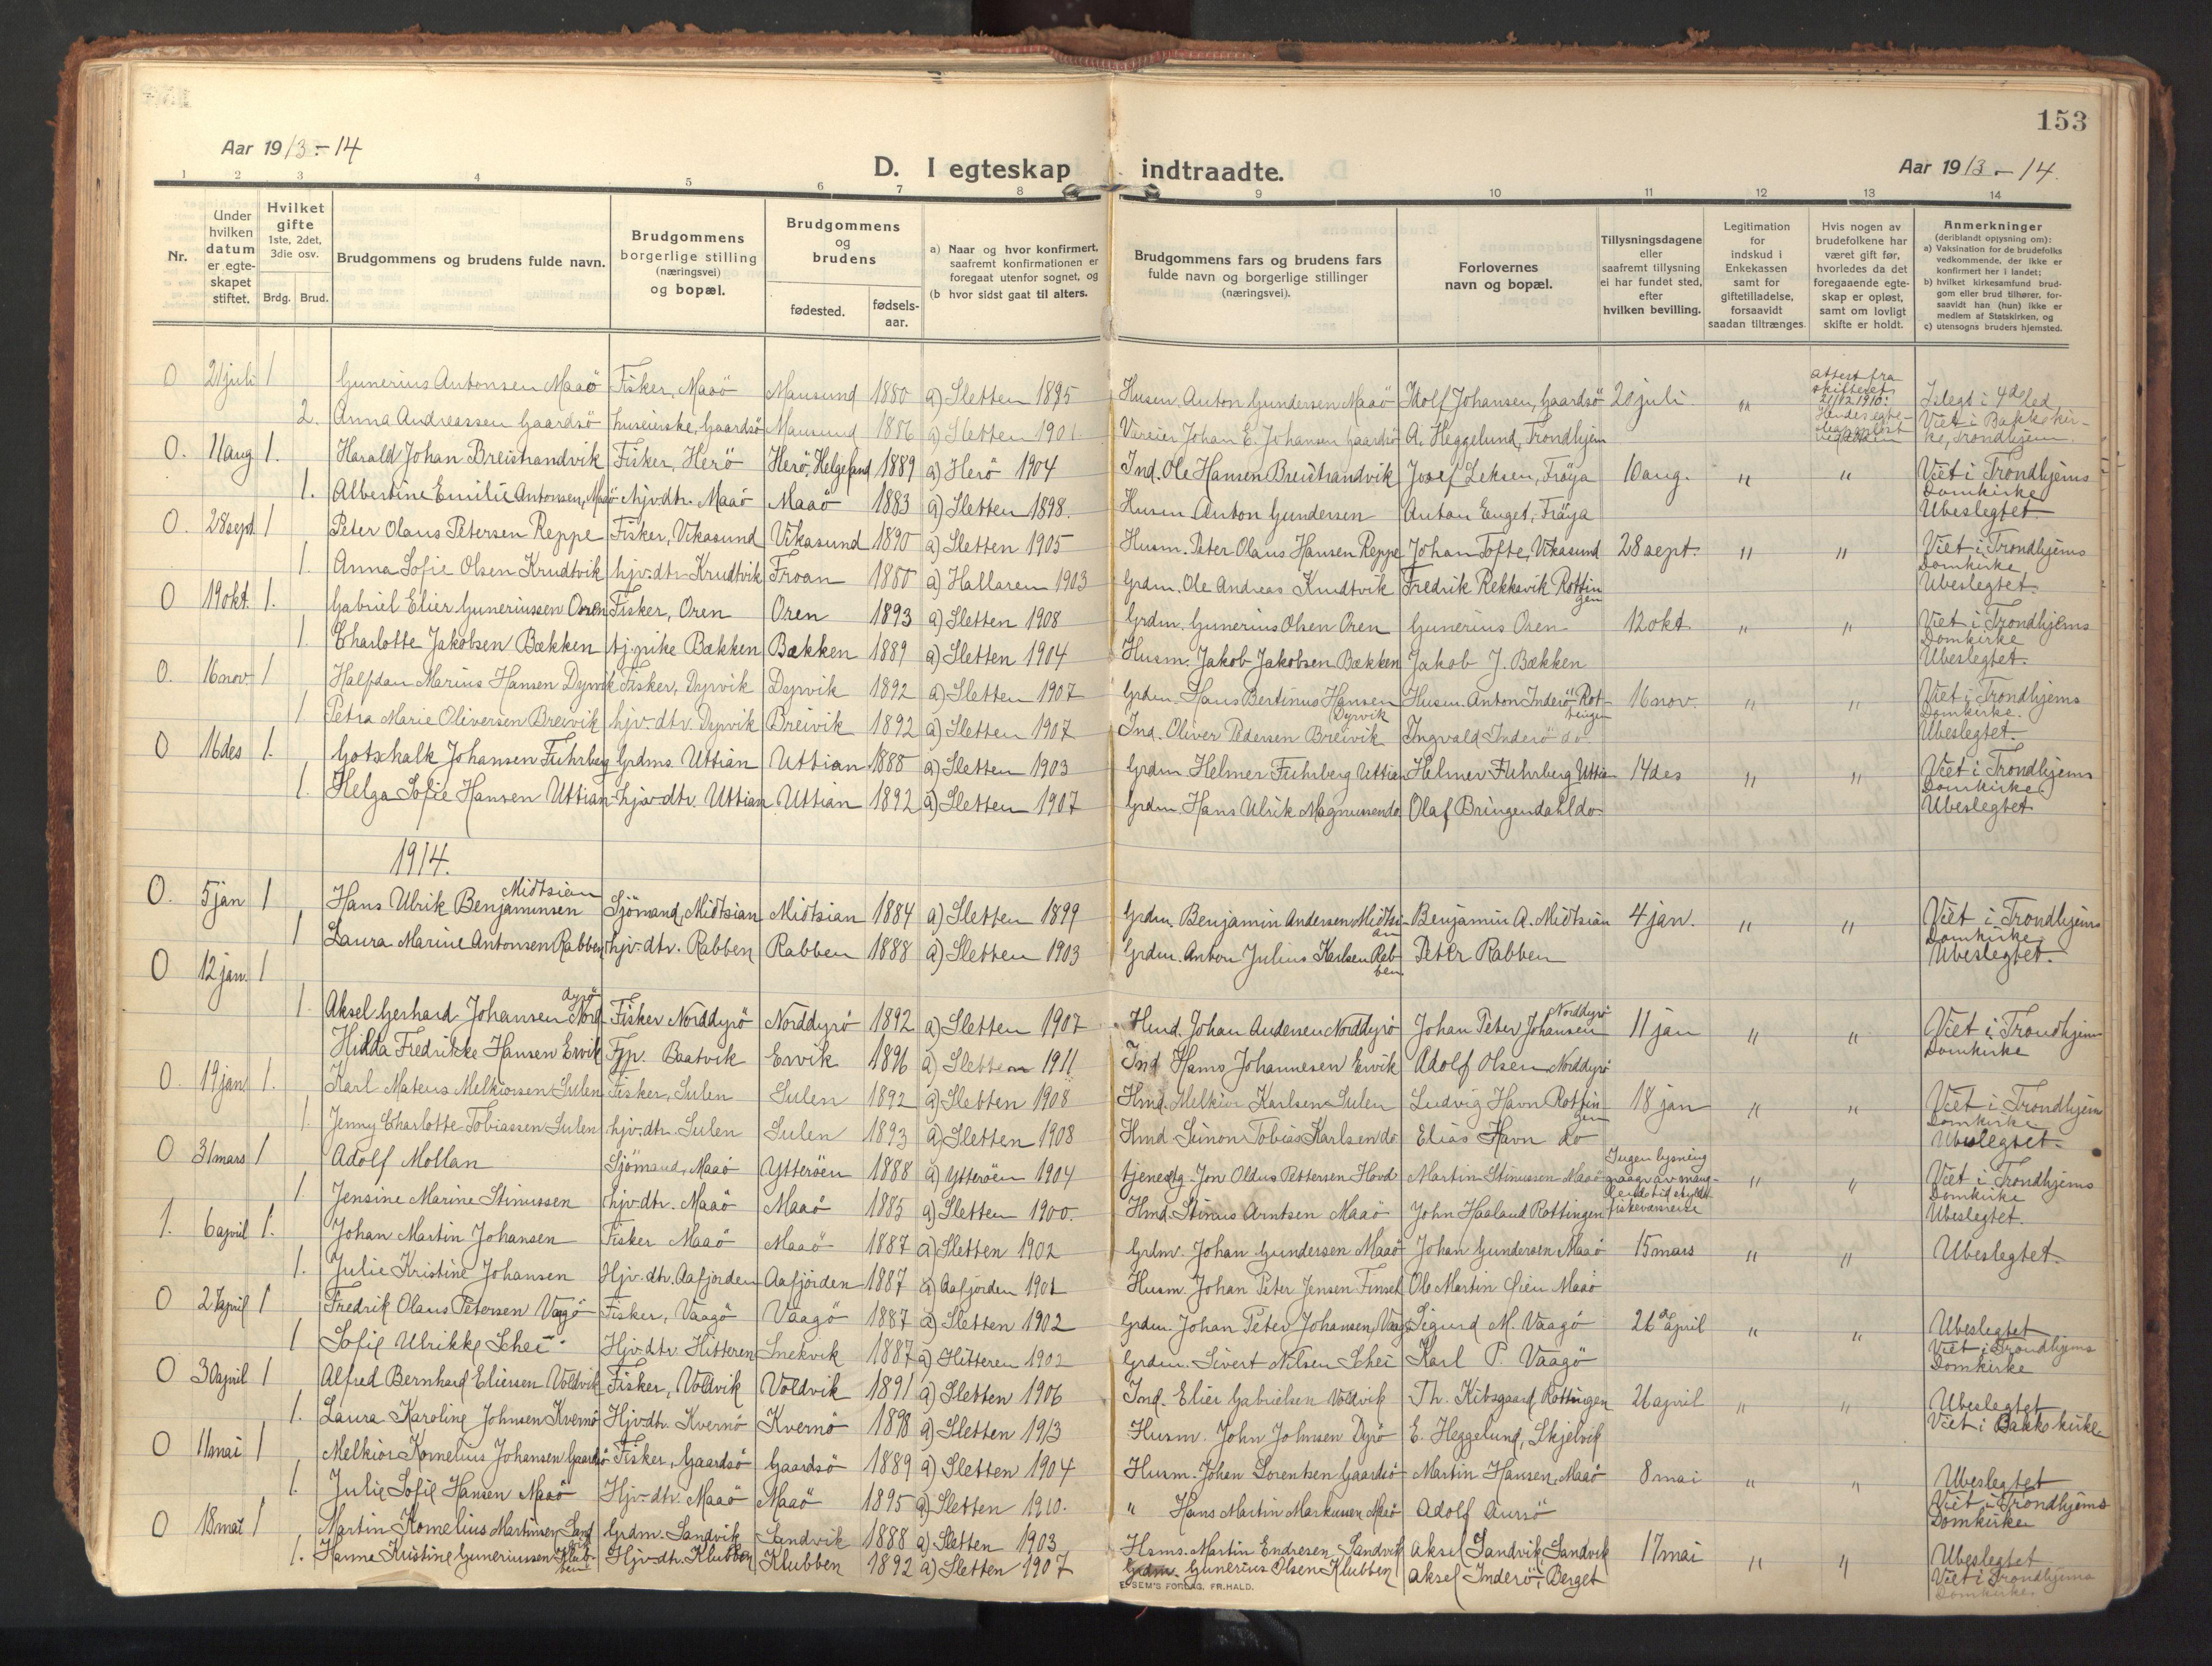 SAT, Ministerialprotokoller, klokkerbøker og fødselsregistre - Sør-Trøndelag, 640/L0581: Ministerialbok nr. 640A06, 1910-1924, s. 153